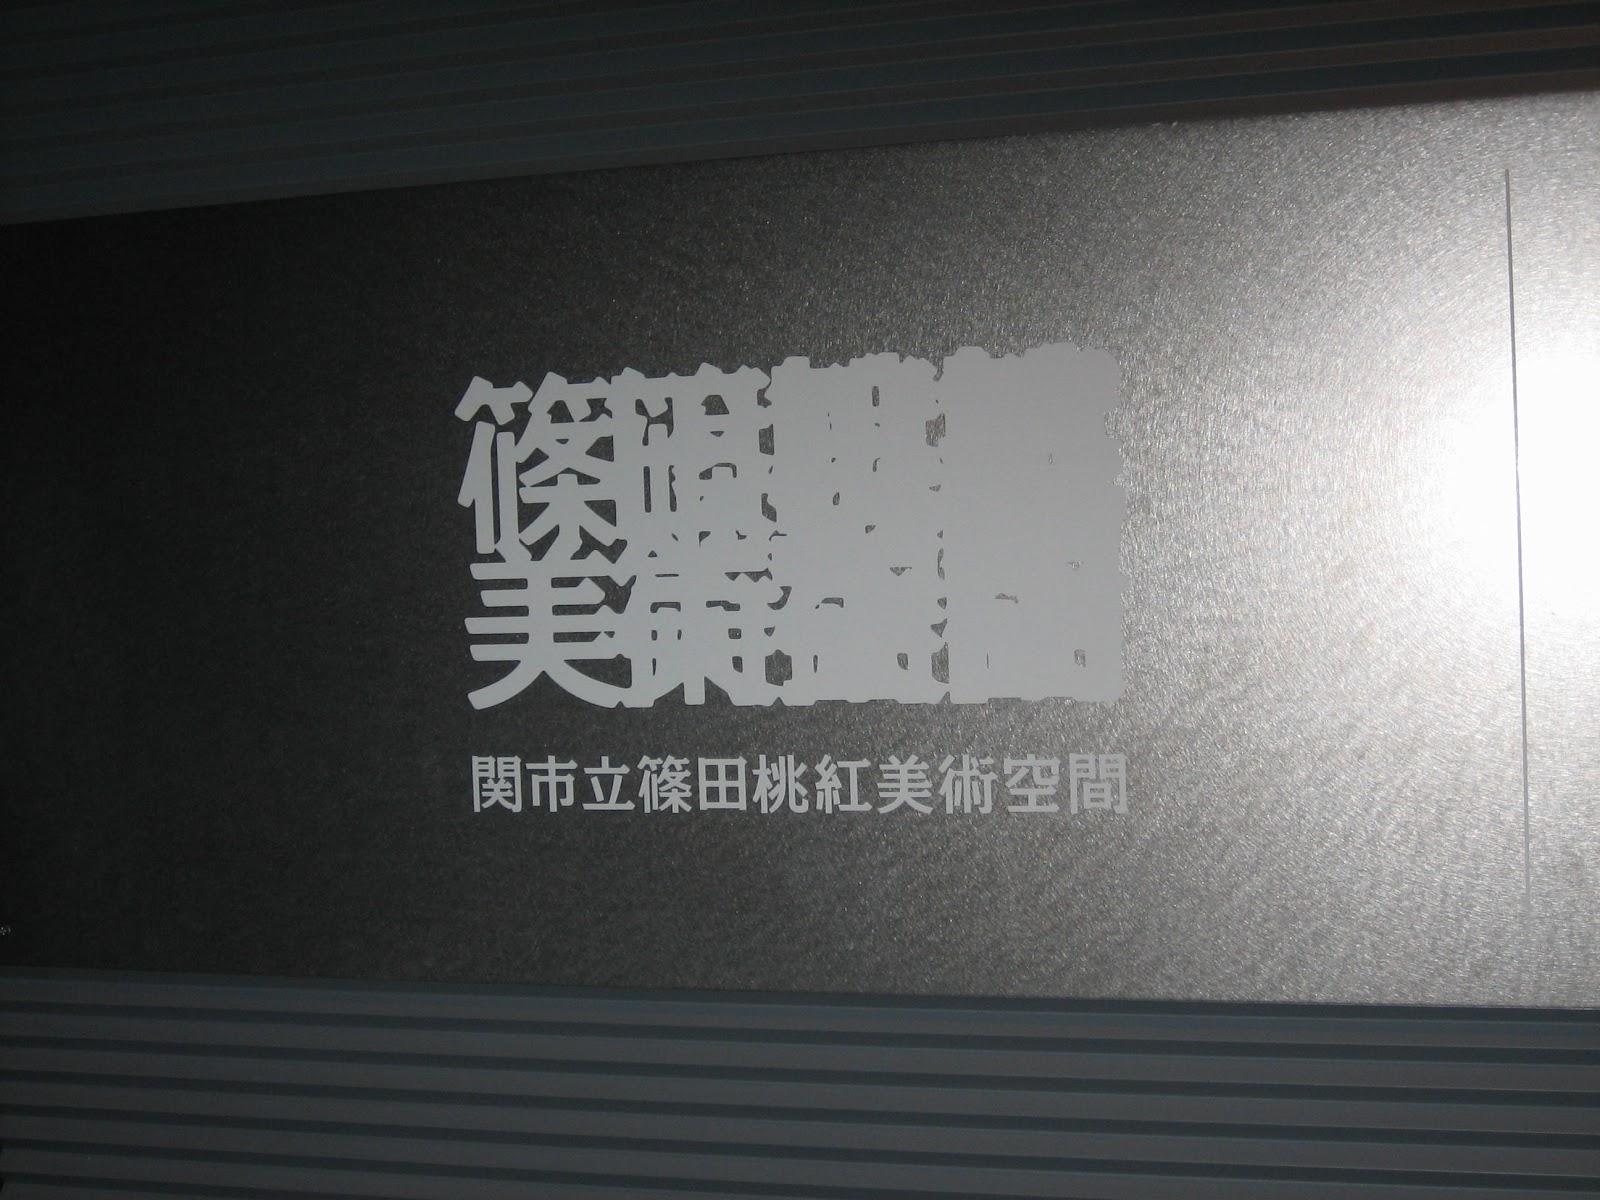 ■菊池寛実記念 智美術館「百の記念 篠田桃紅の墨象展」  東京大学大学院小林真理ゼミ